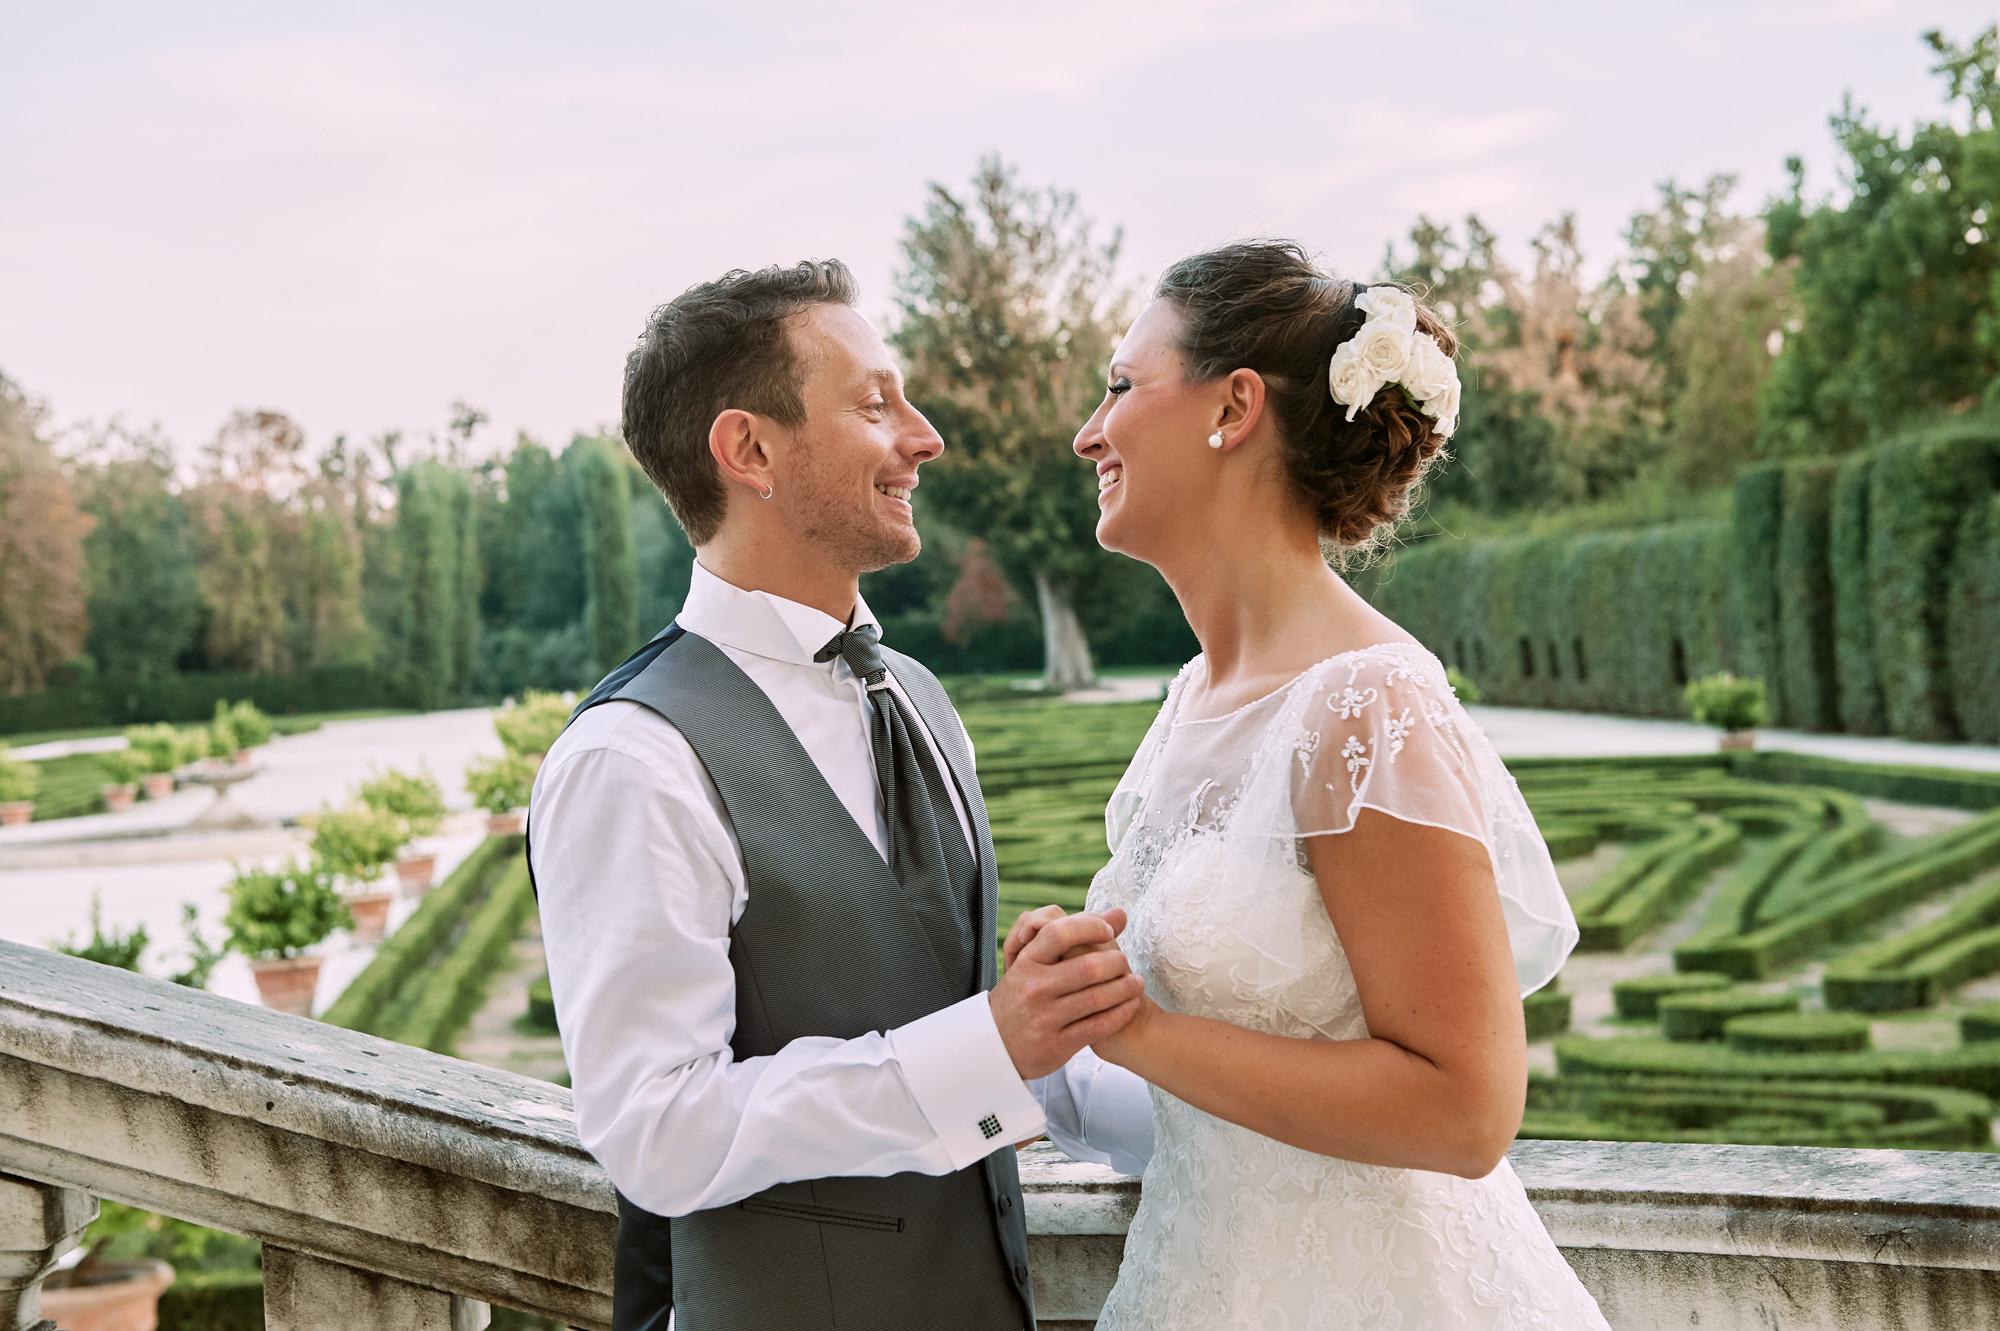 24-ivano_di_maria_fotografo_matrimonio_ aless_aless